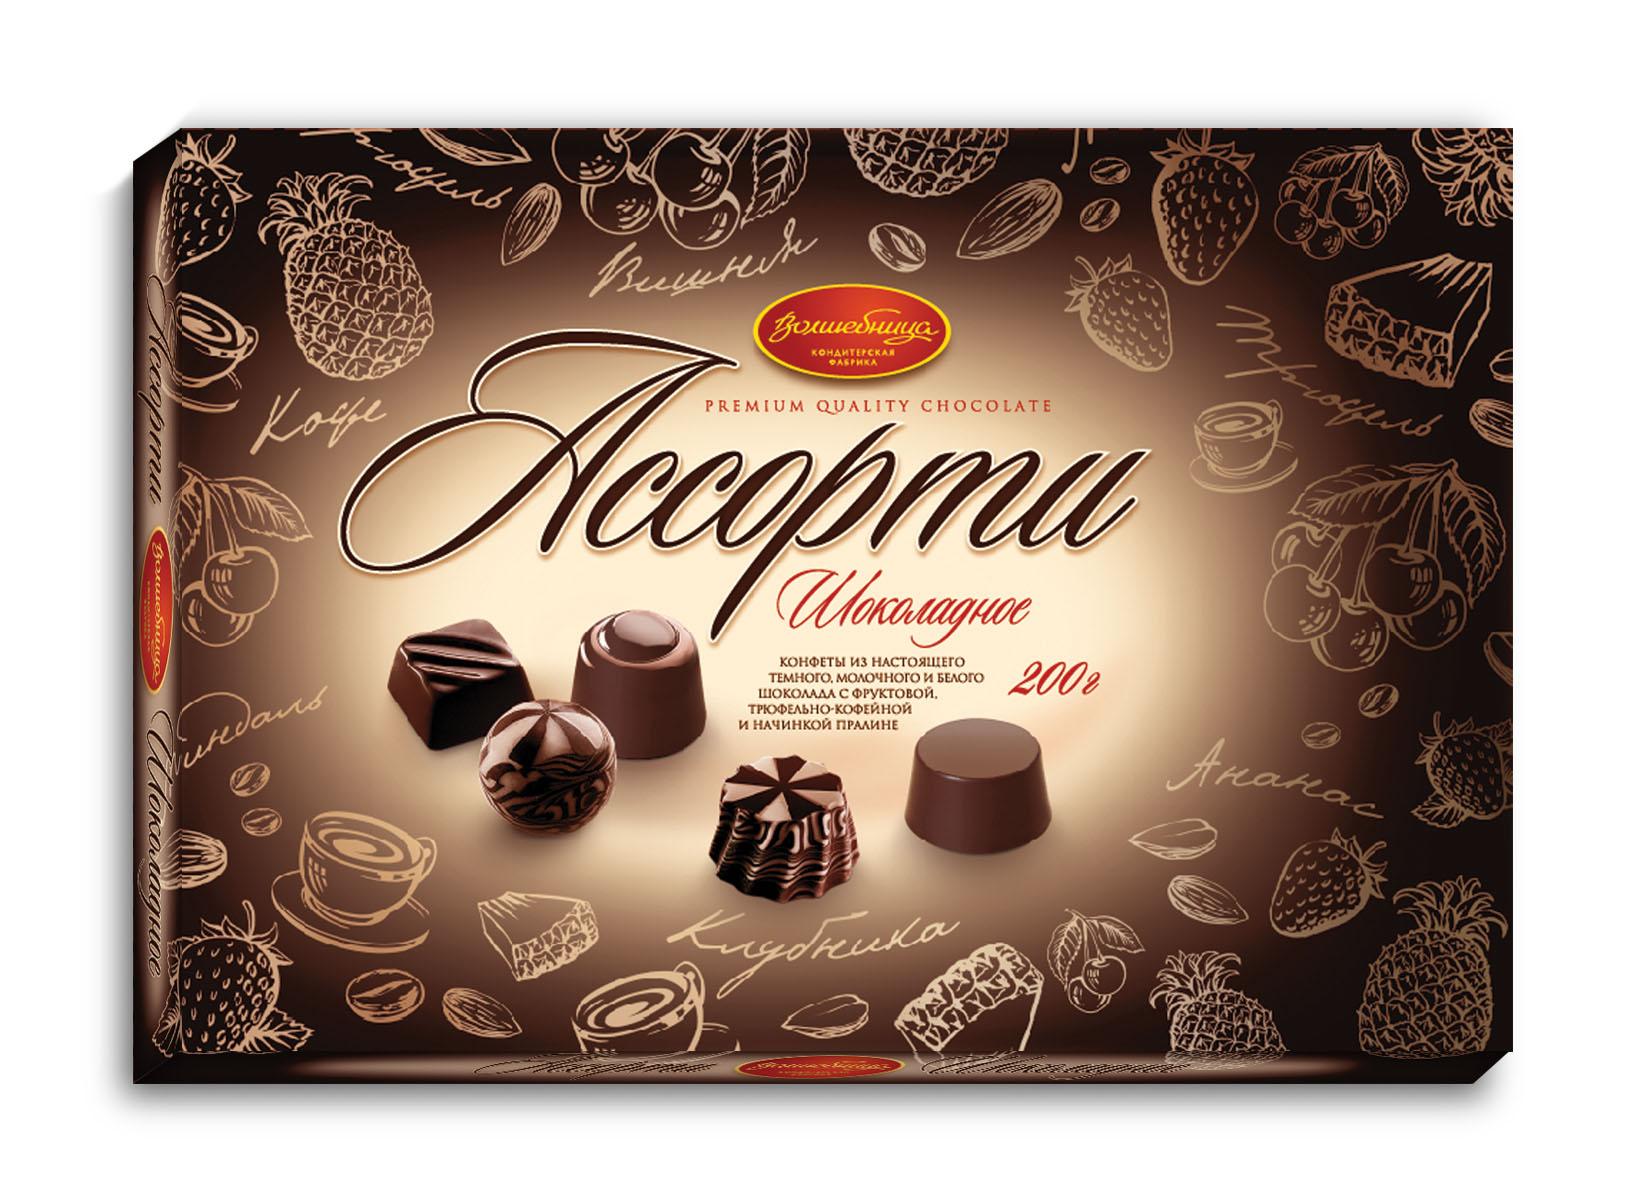 Волшебница конфеты шоколадное ассорти (коричневые), 200 г волшебница волшебная белочка шоколад 80 г